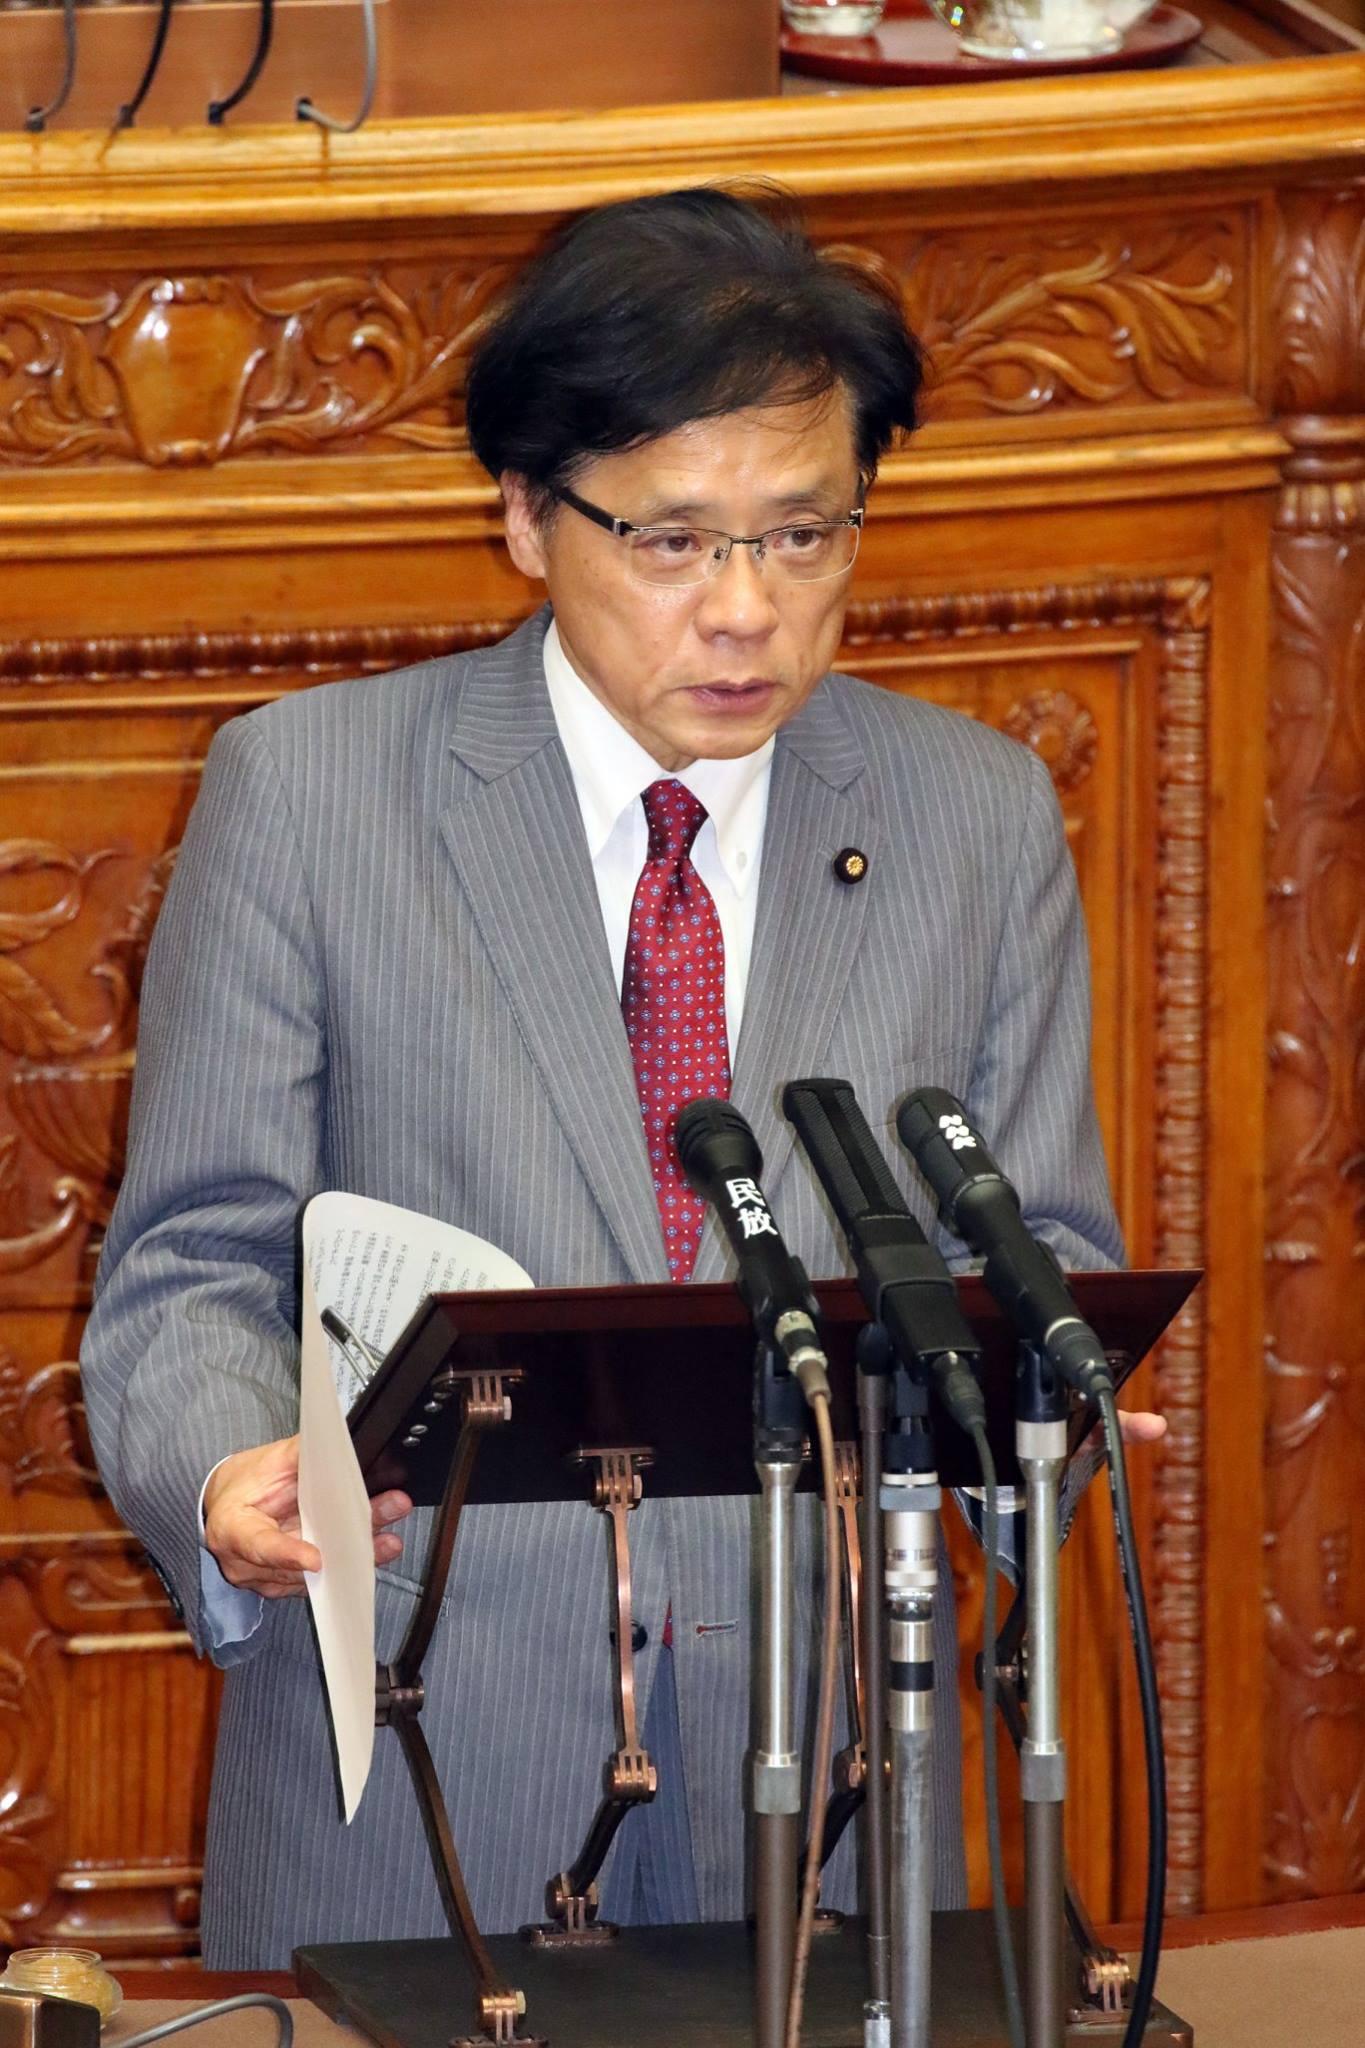 http://www.inoue-satoshi.com/diary/18.6.1%20%E6%9C%AC%E4%BC%9A%E8%AD%B0.jpg